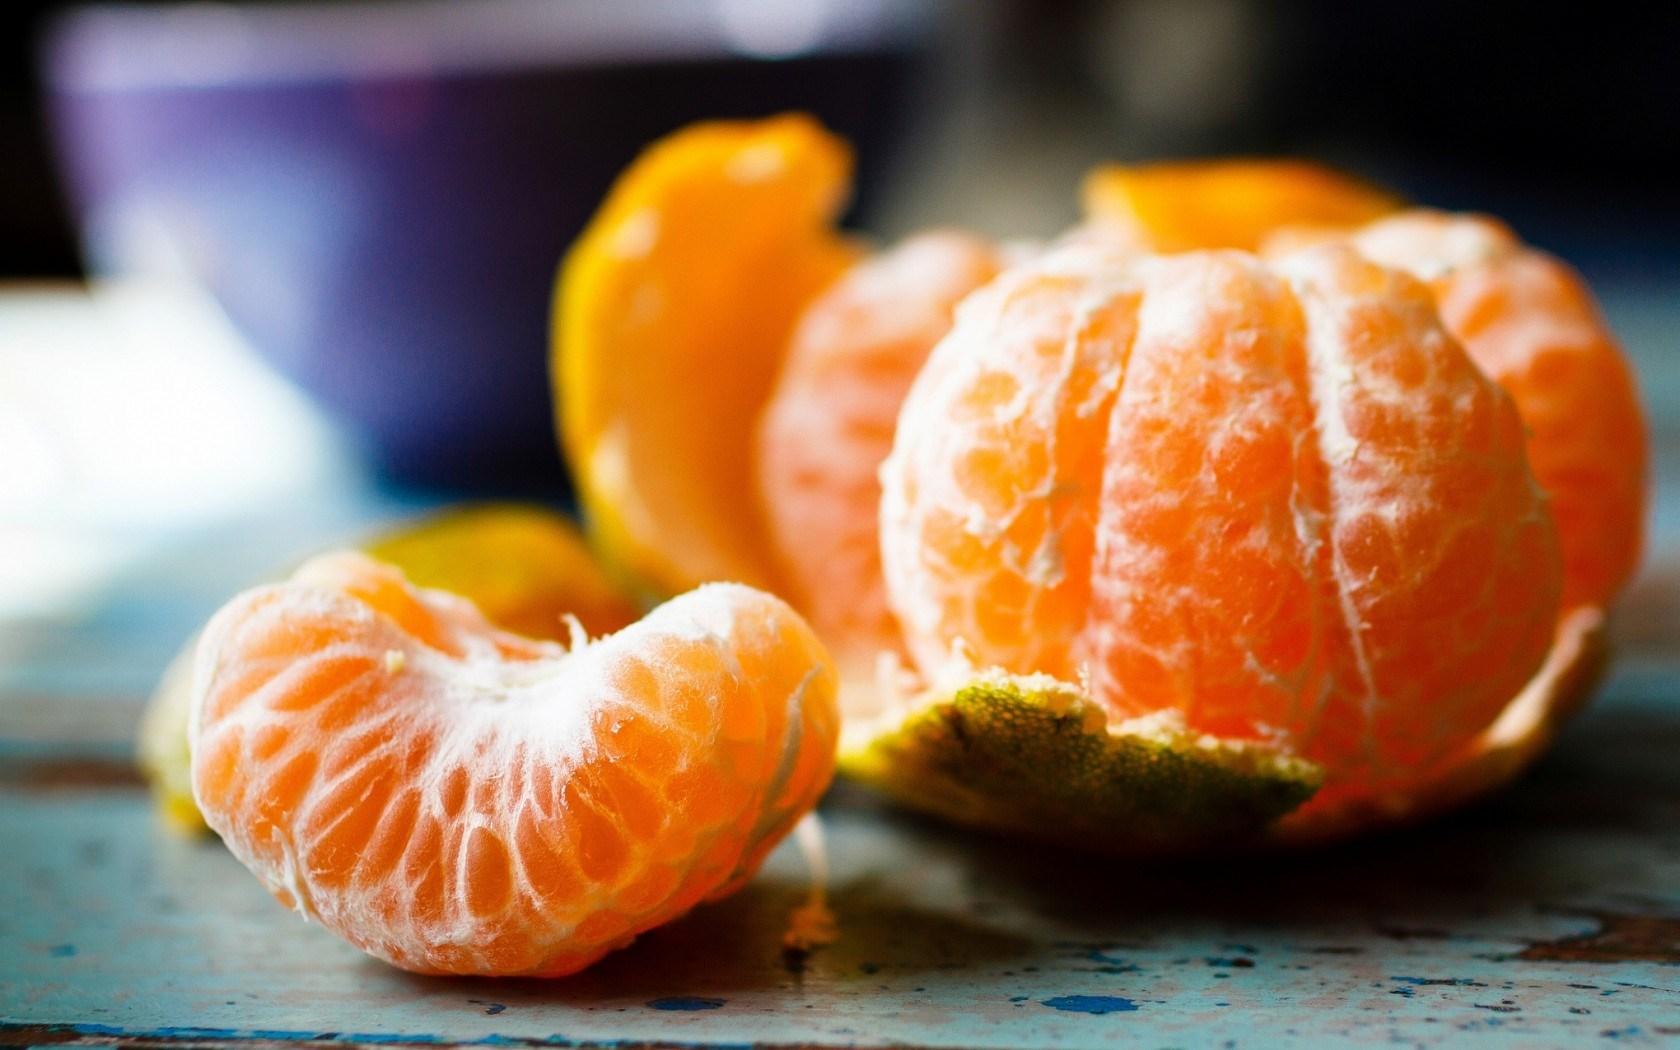 6935362-mandarin-orange-citrus-fruit